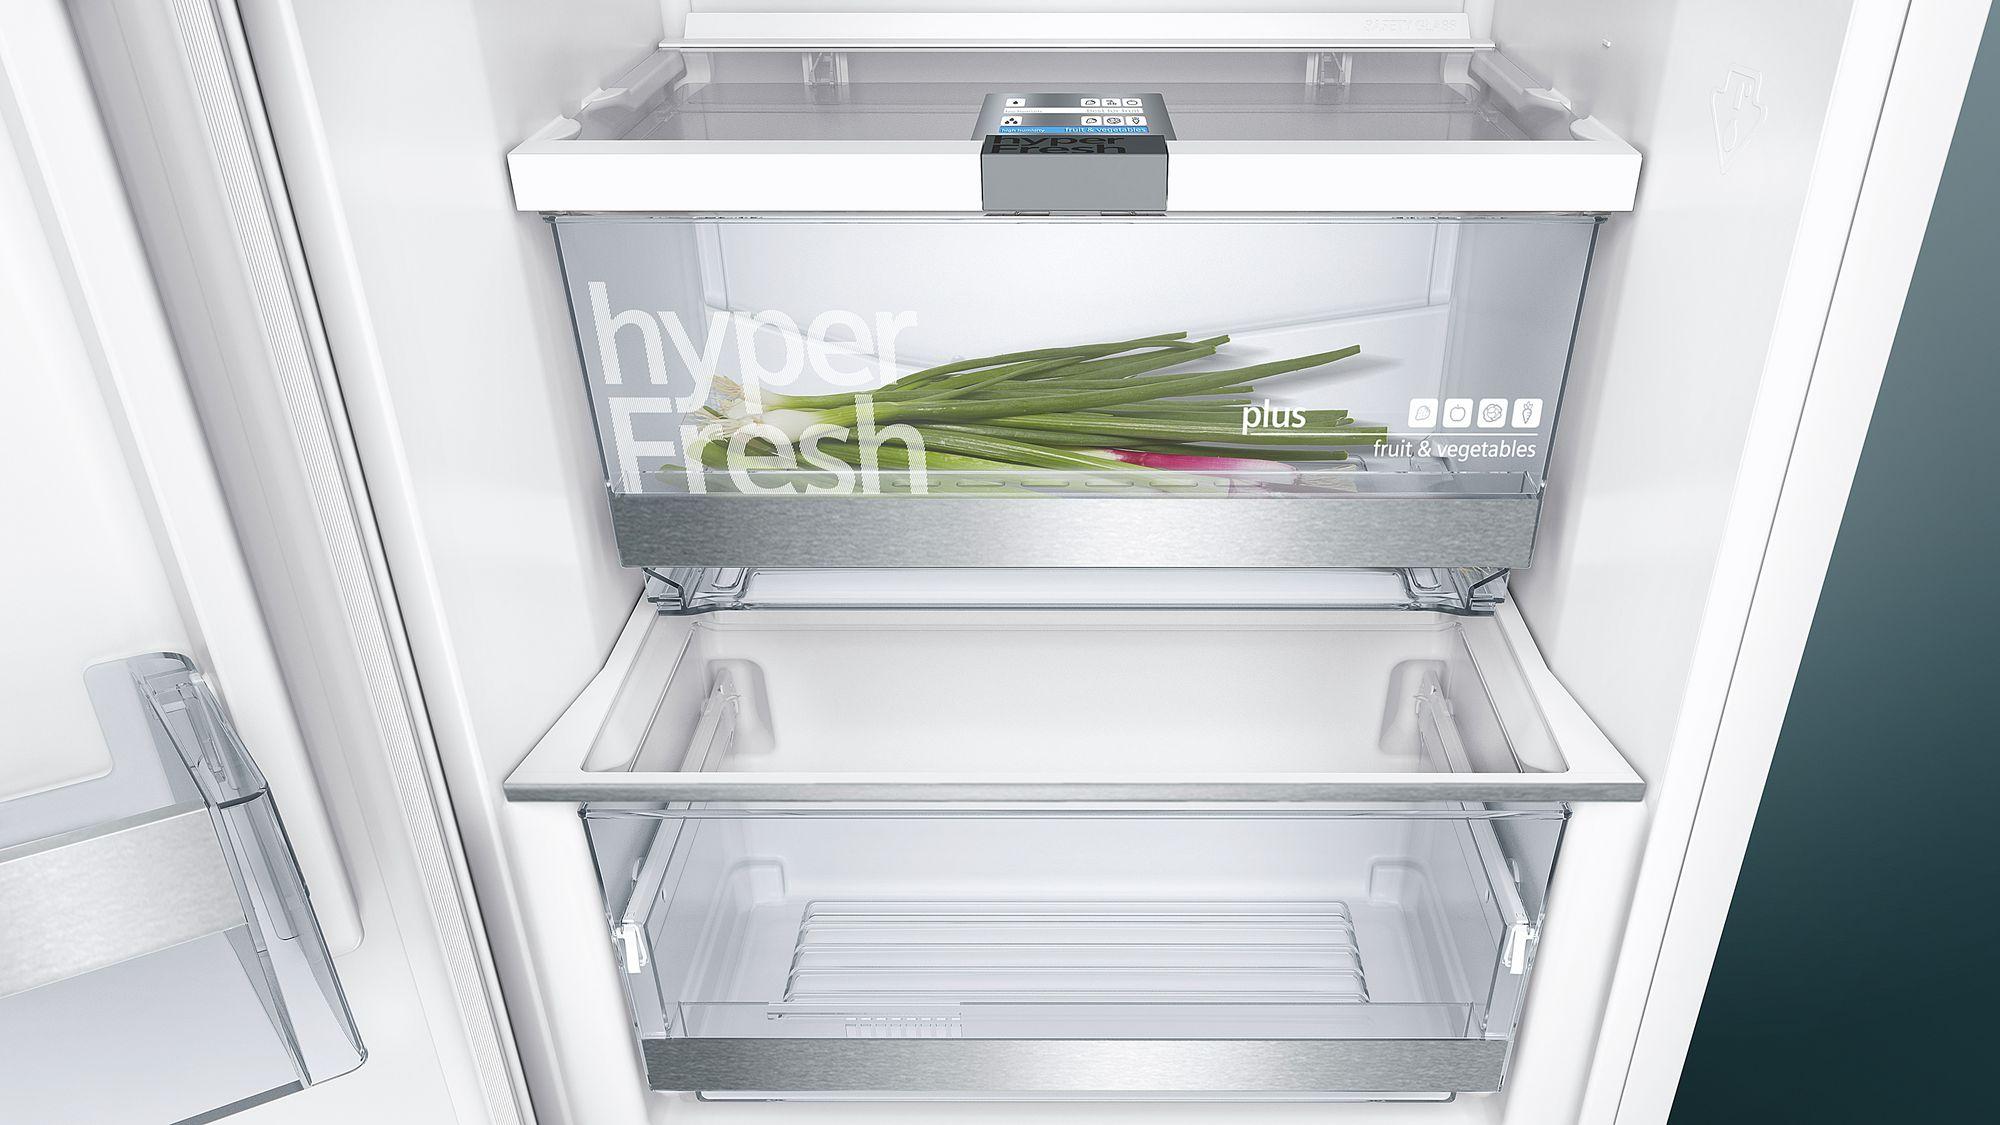 Siemens Kühlschrank Iq700 : Siemens stand kühlschrank iq weiß ks fpw p psi